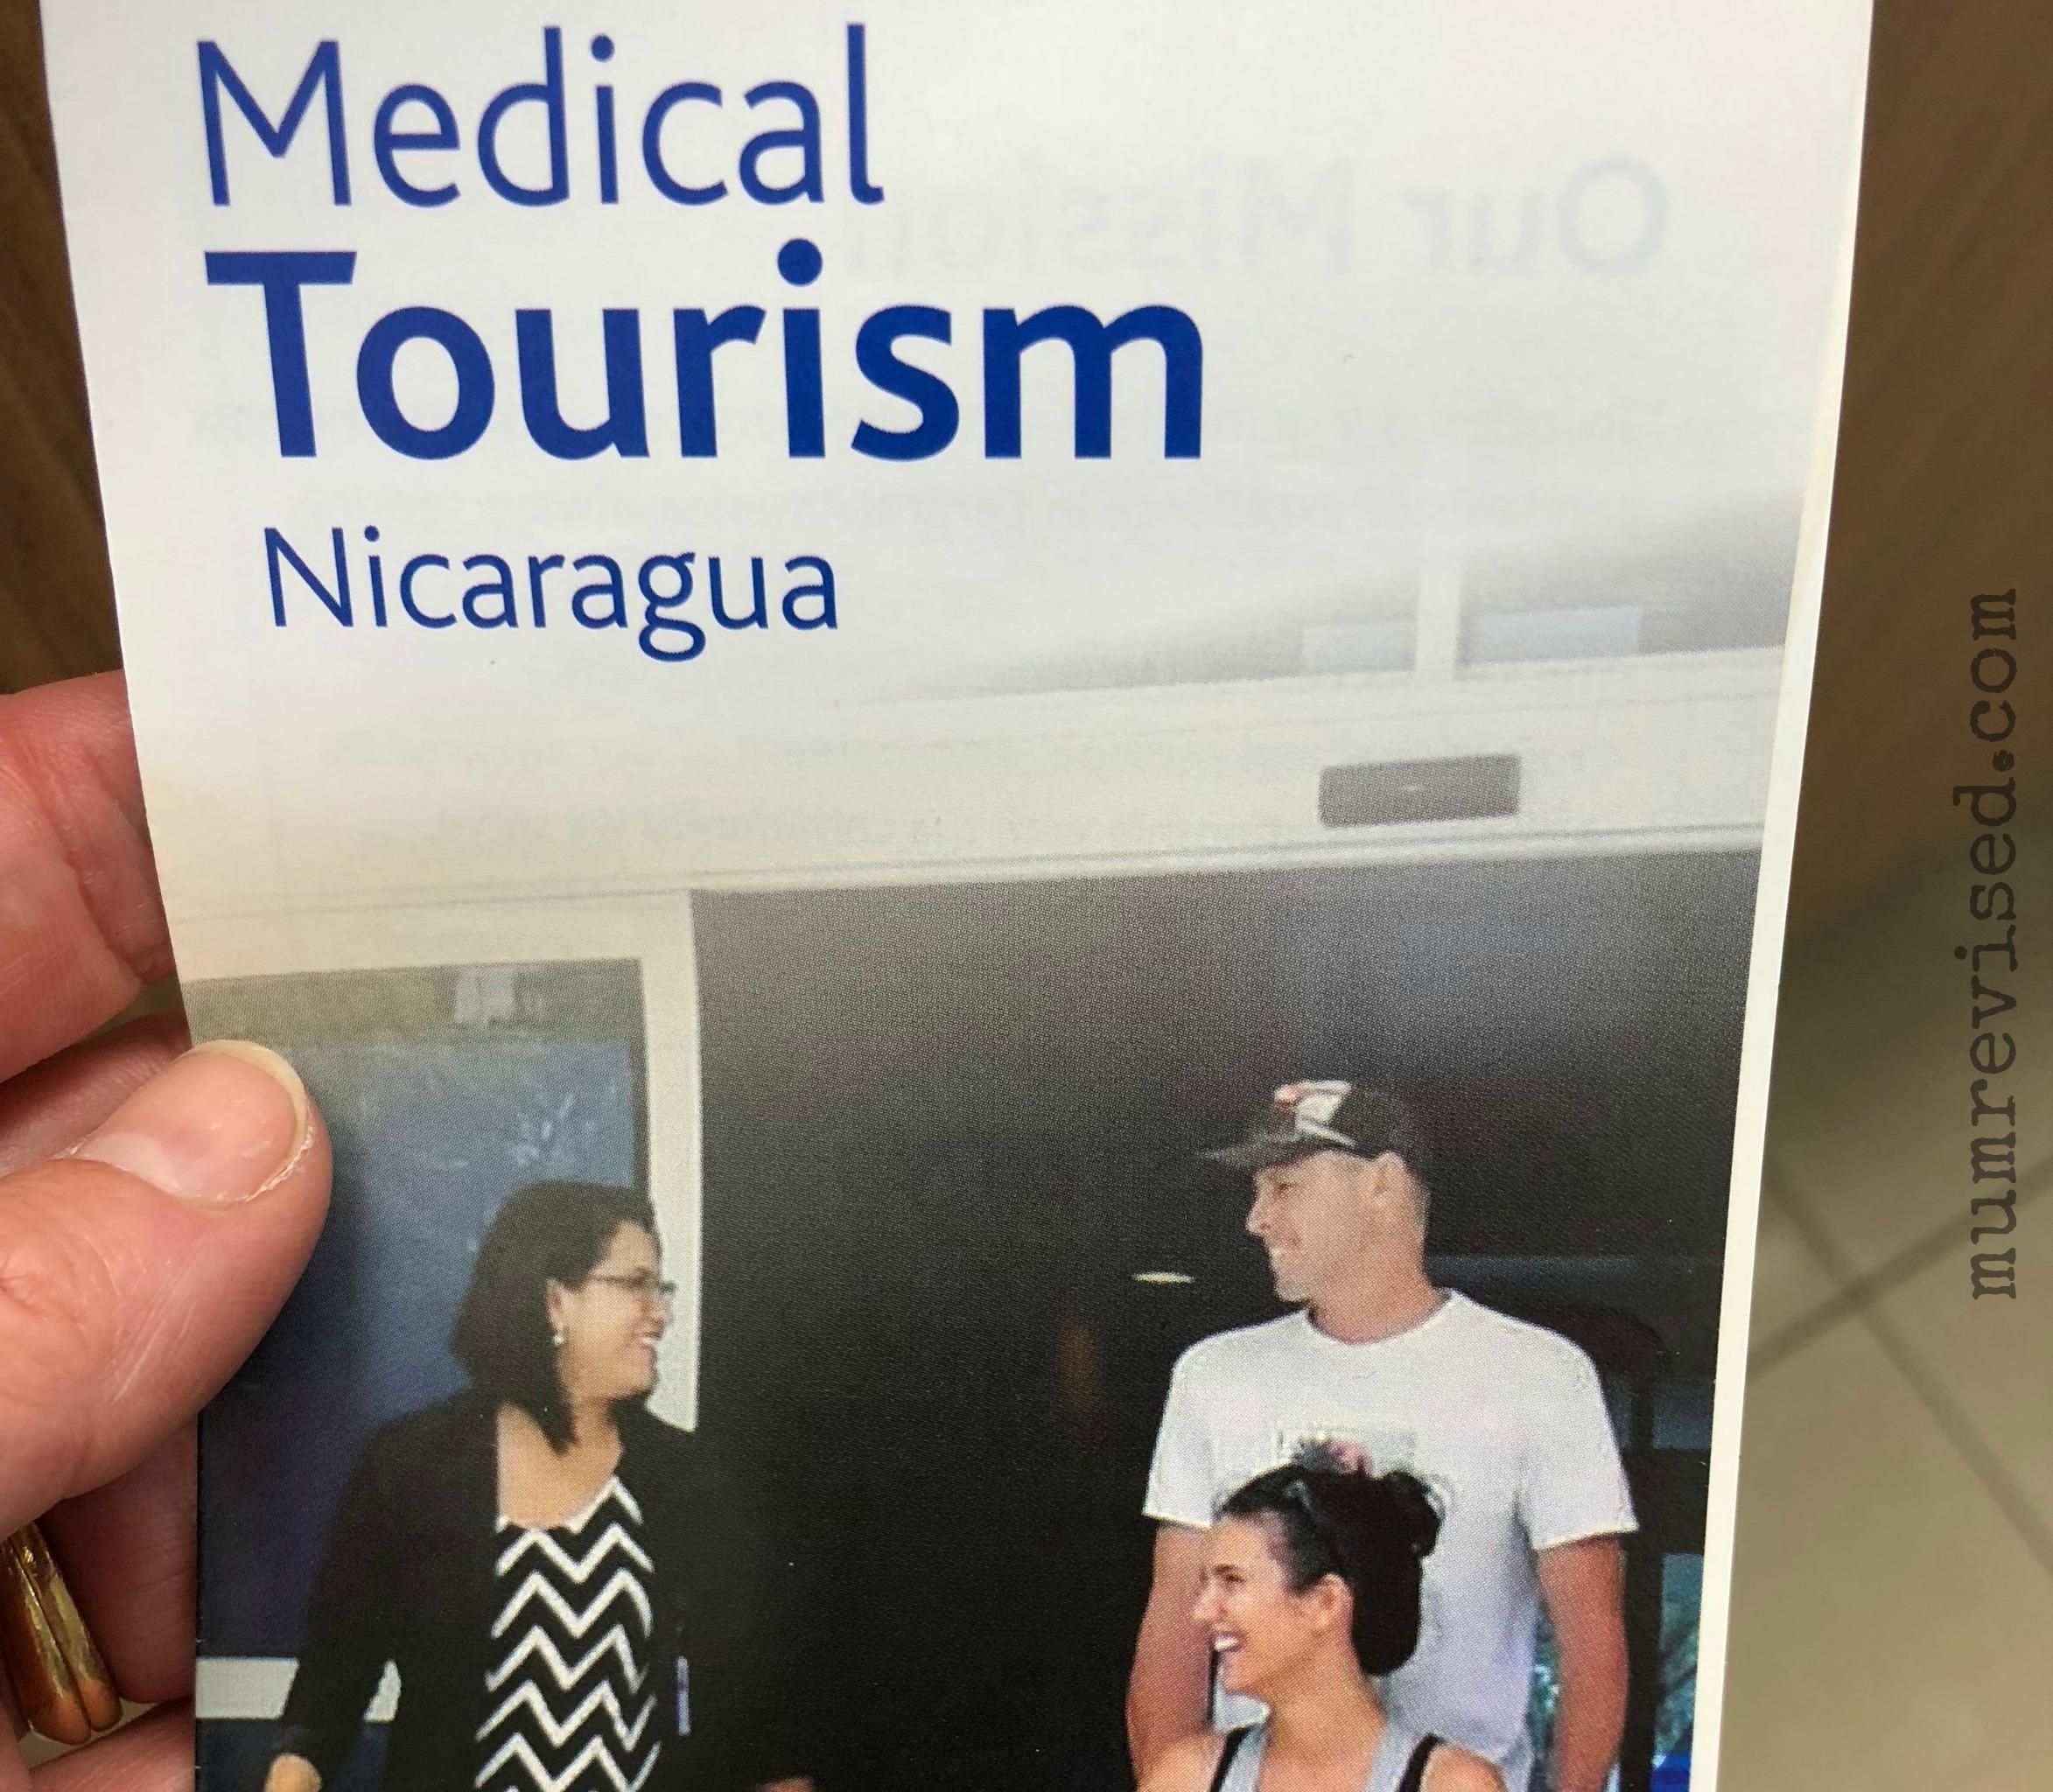 Medical Tourism Nicaragua #NailedIt